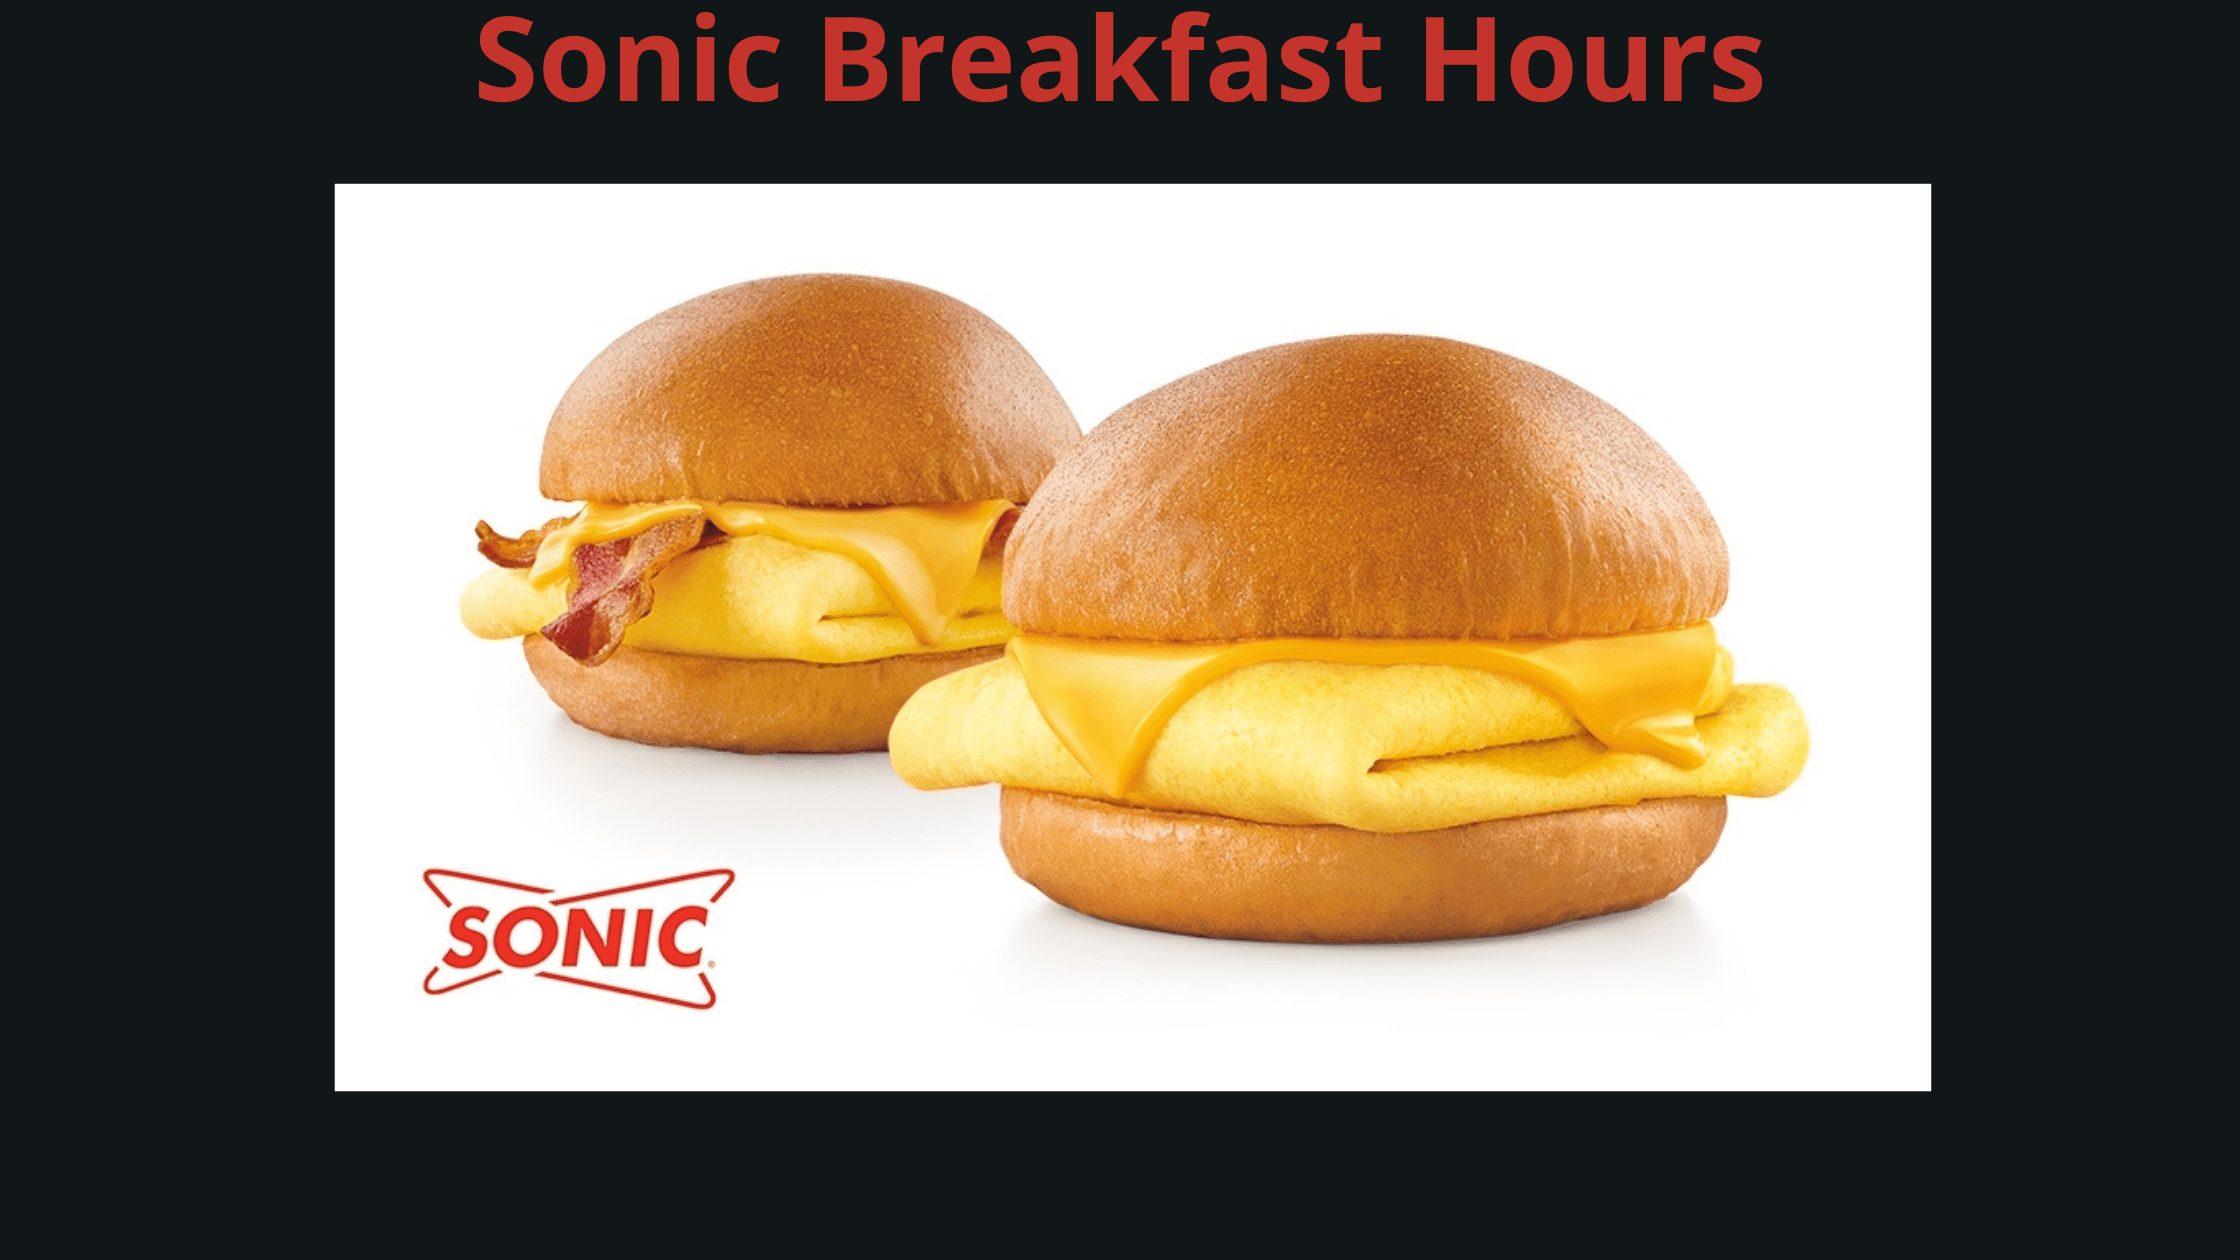 Sonic Breakfast